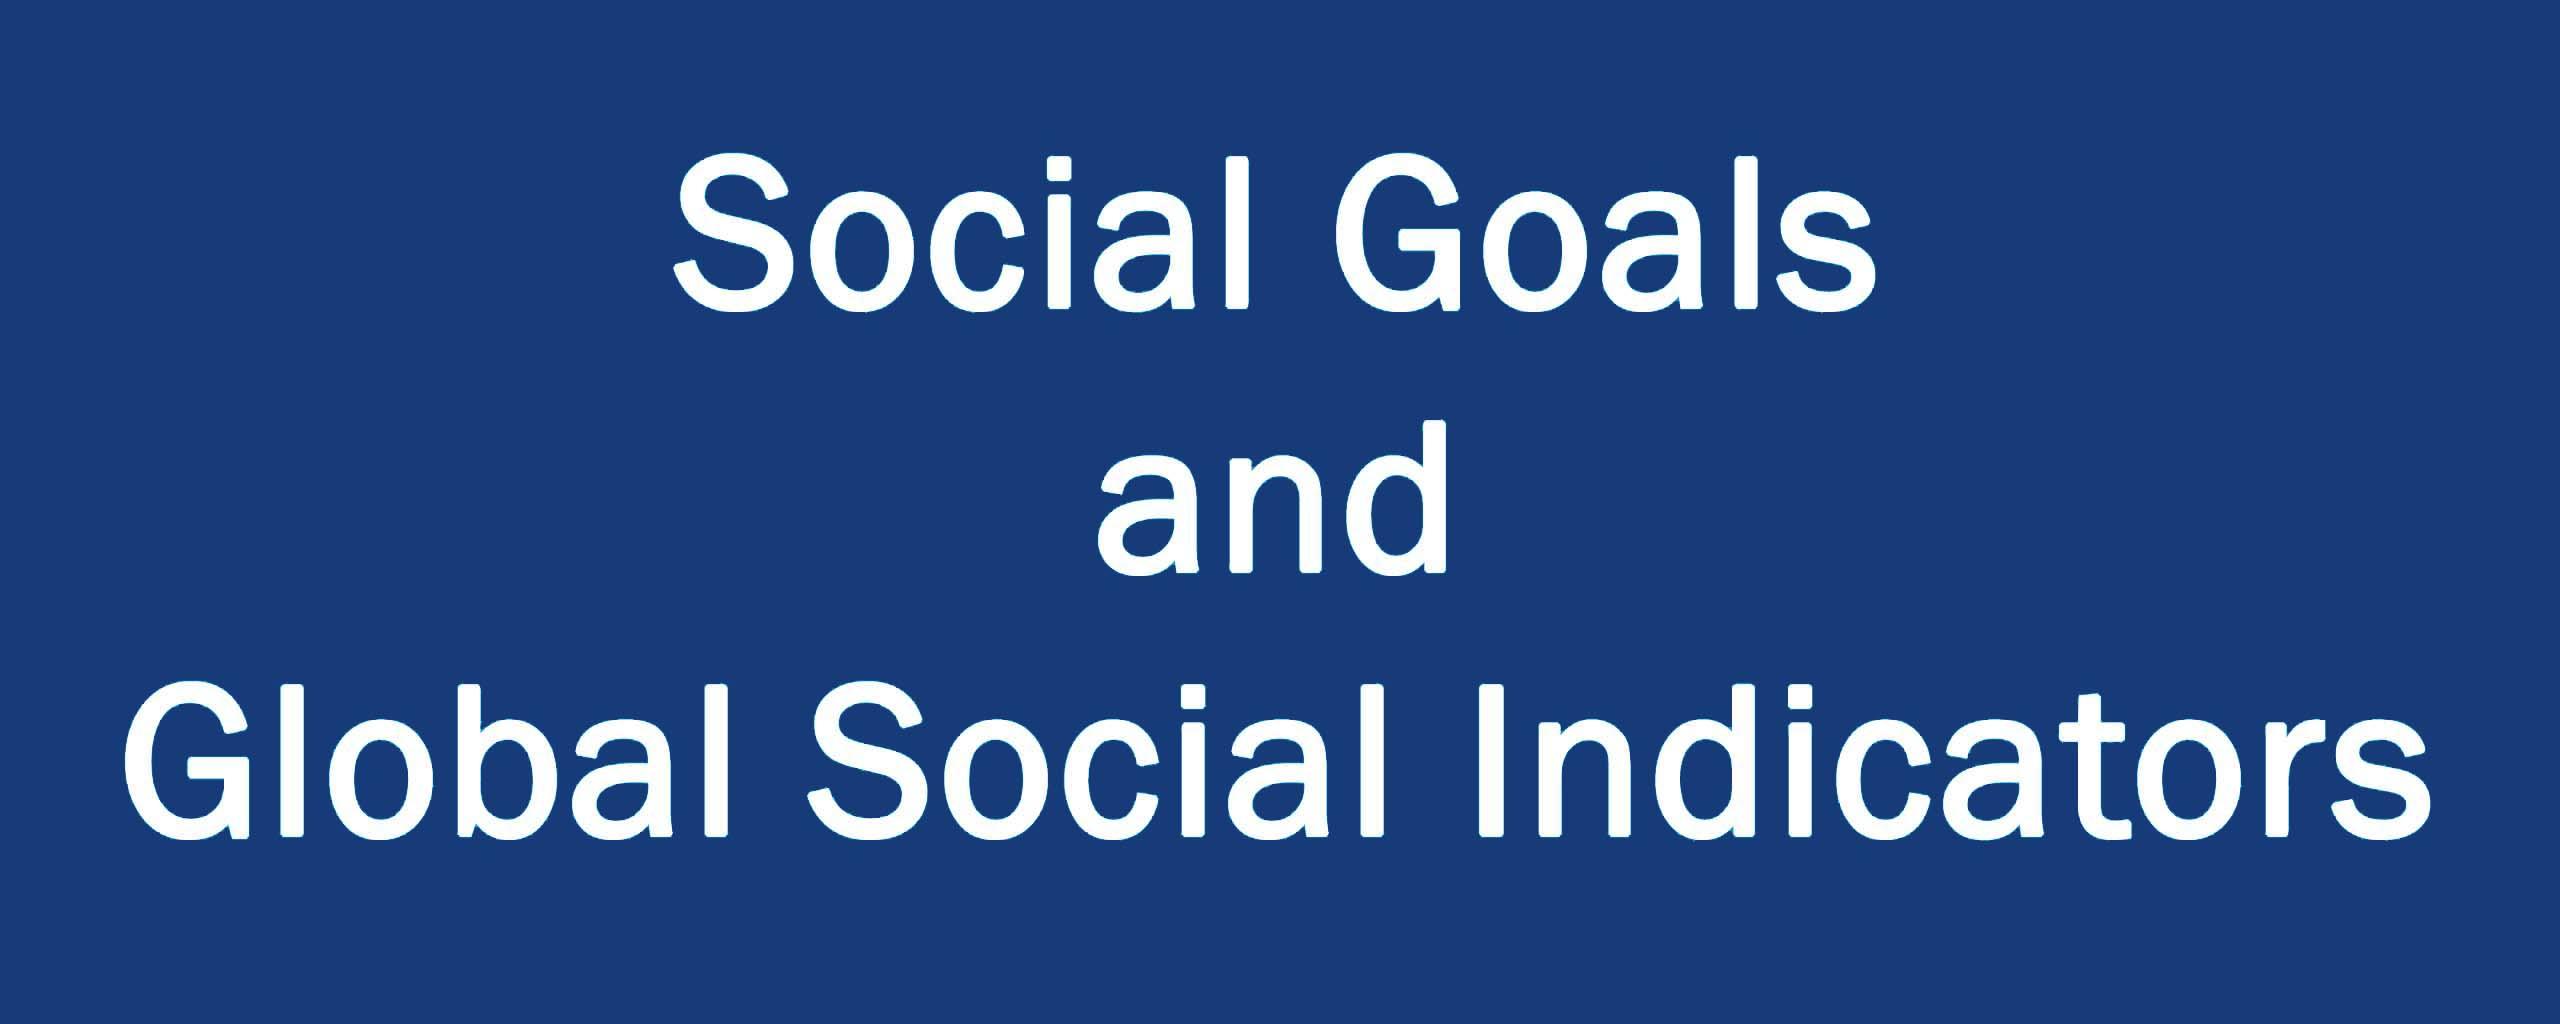 Social Goals and Global Social Indicators